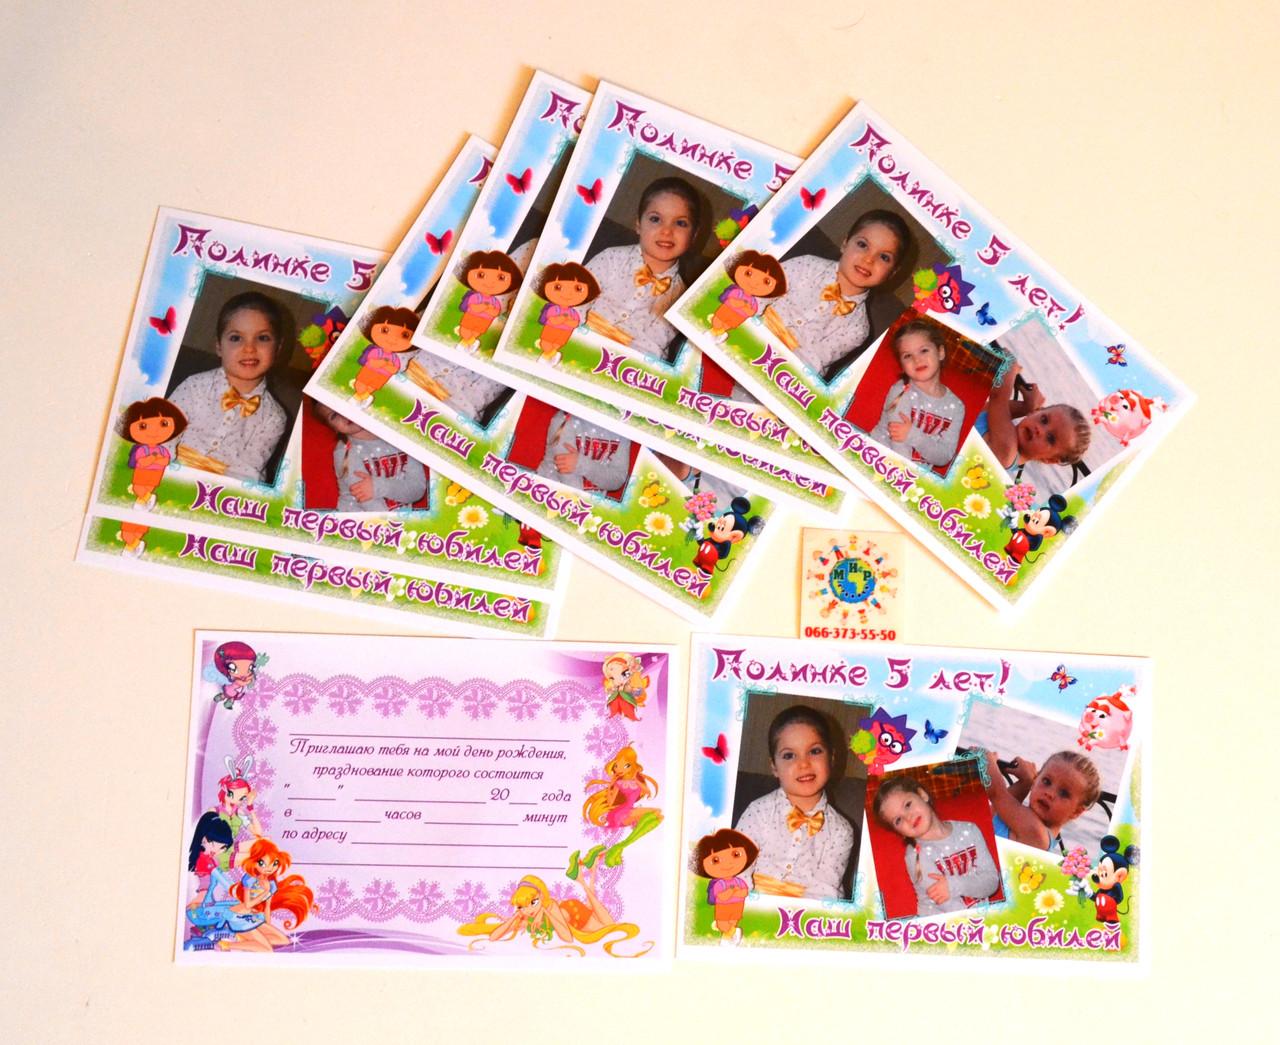 Печать пригласительных с фотографиями